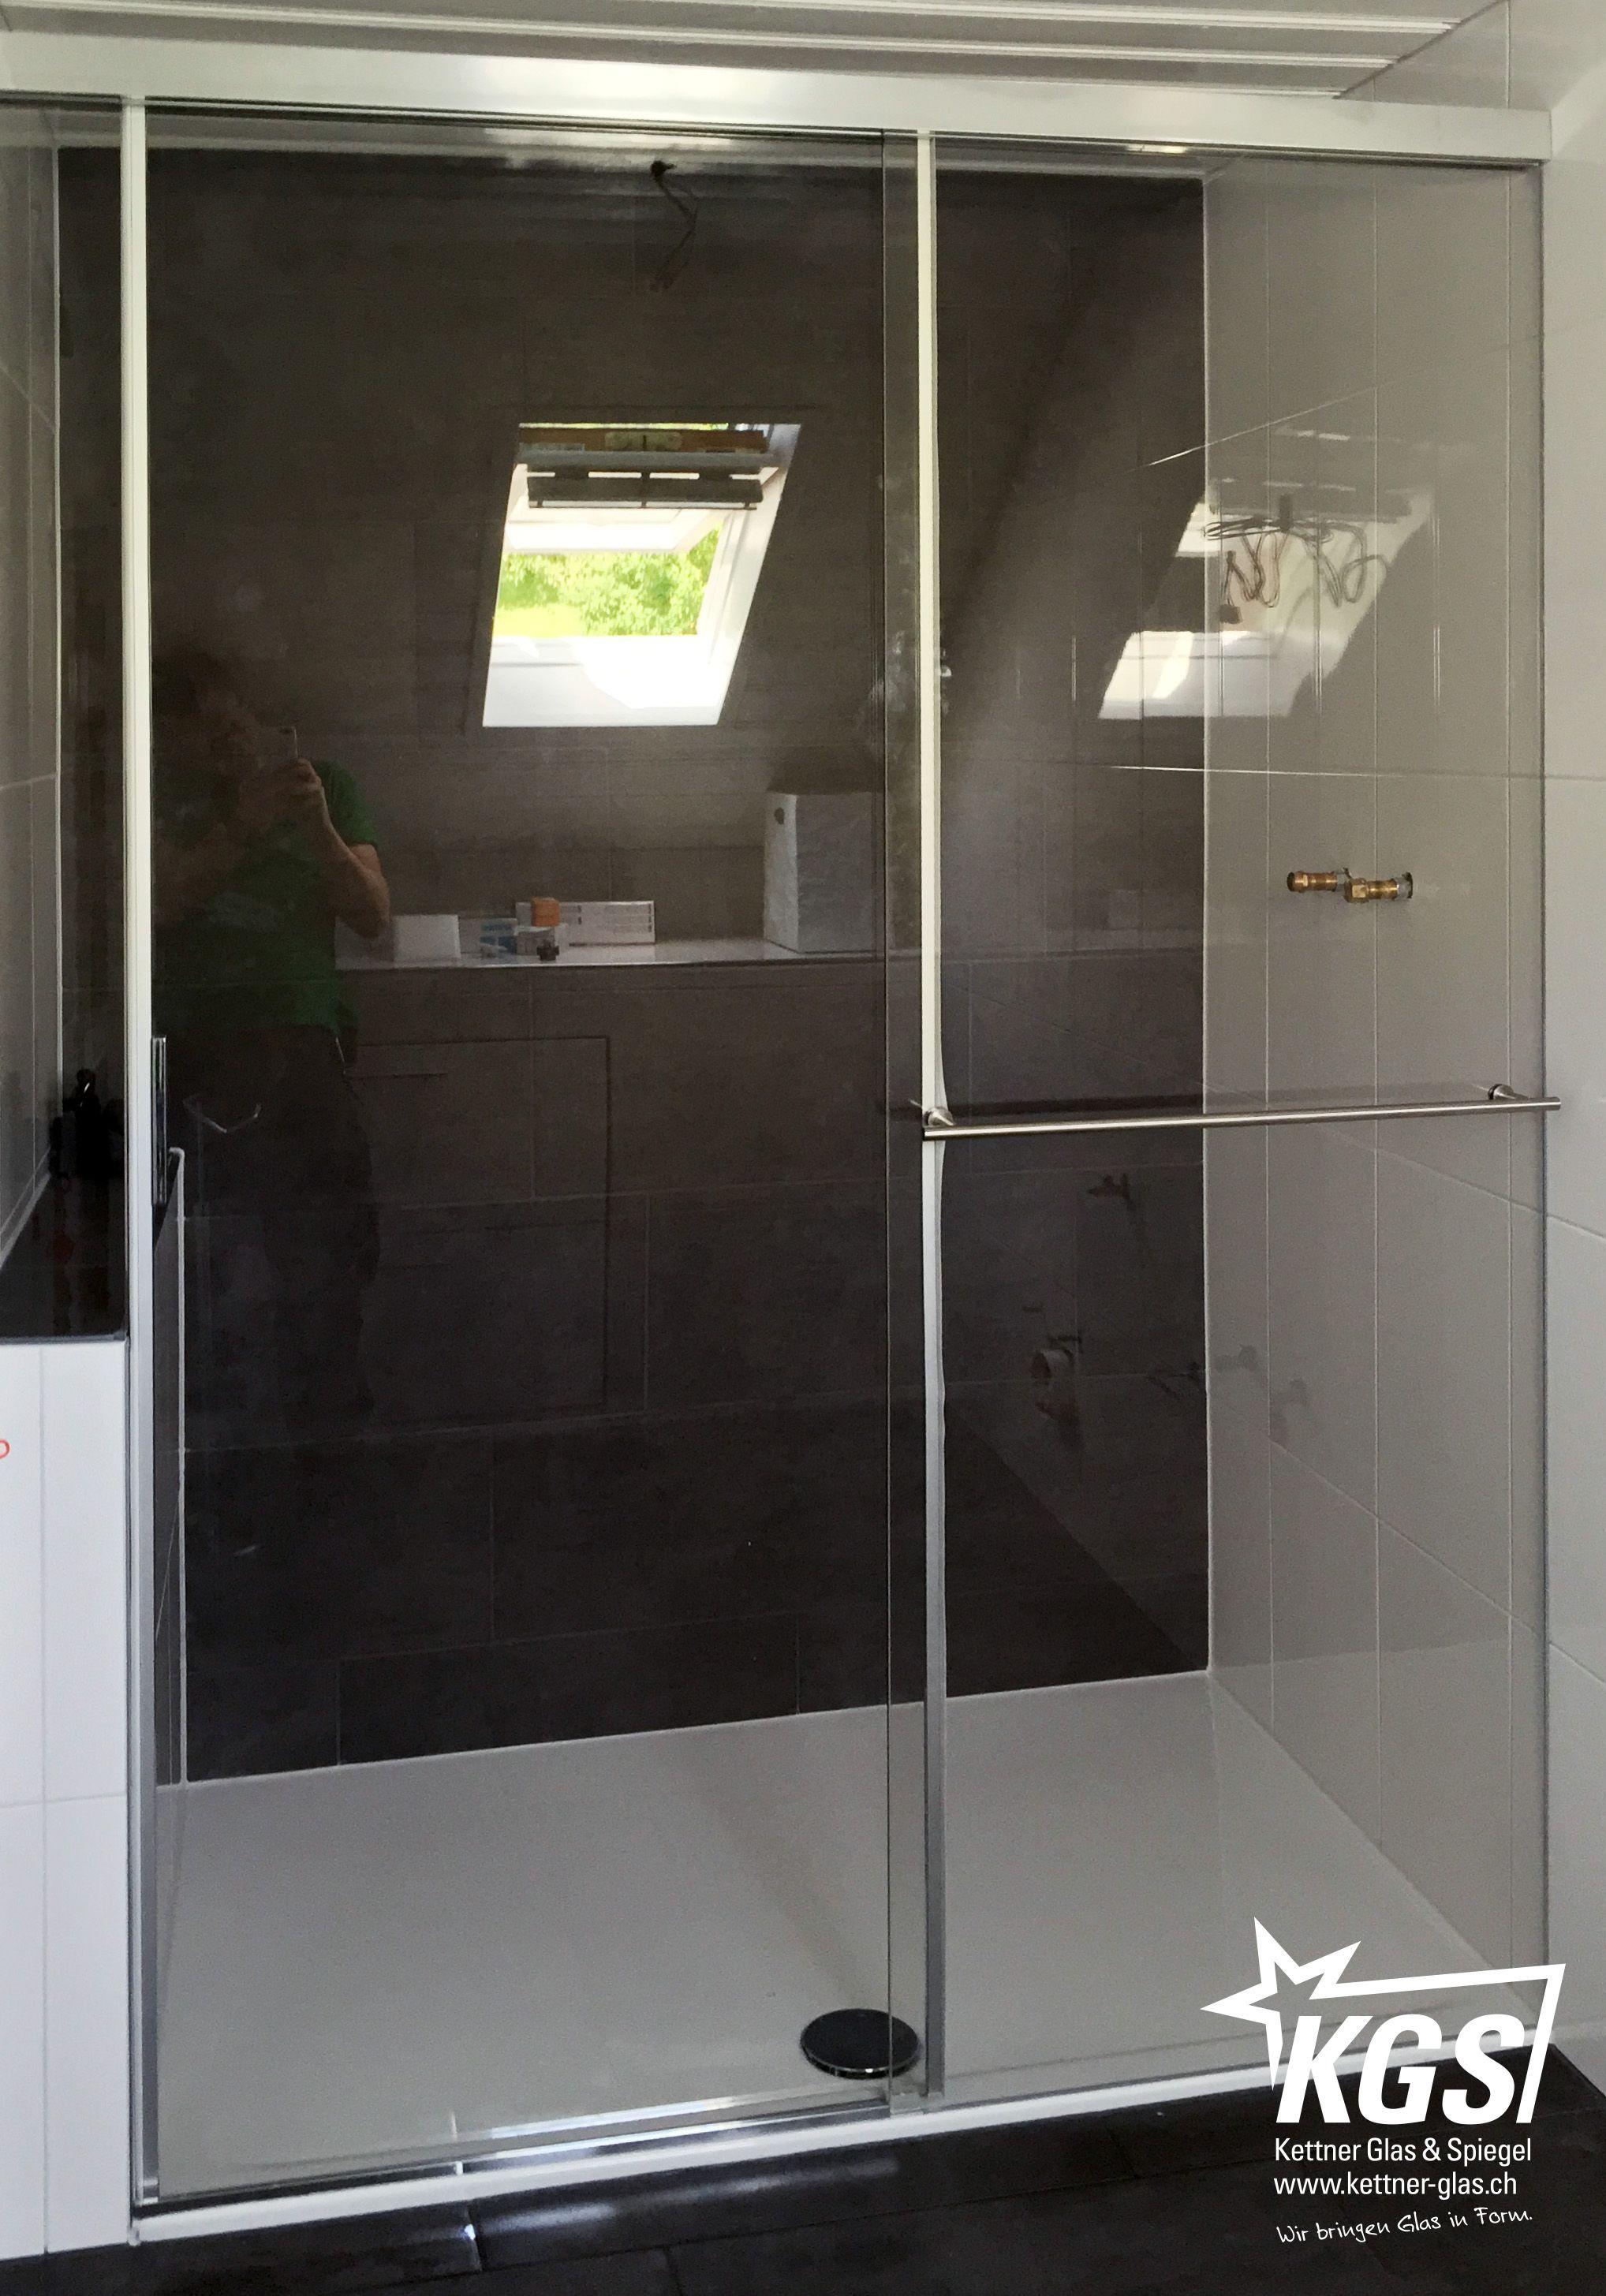 Eku Banio Duschkabine Als Nischenlosung Aus Showerguard Glas Mit Integriertem Handtuchhalter Im Festen Glasteil Erweitert Mit Duschkabine Dusche Spiegelwande